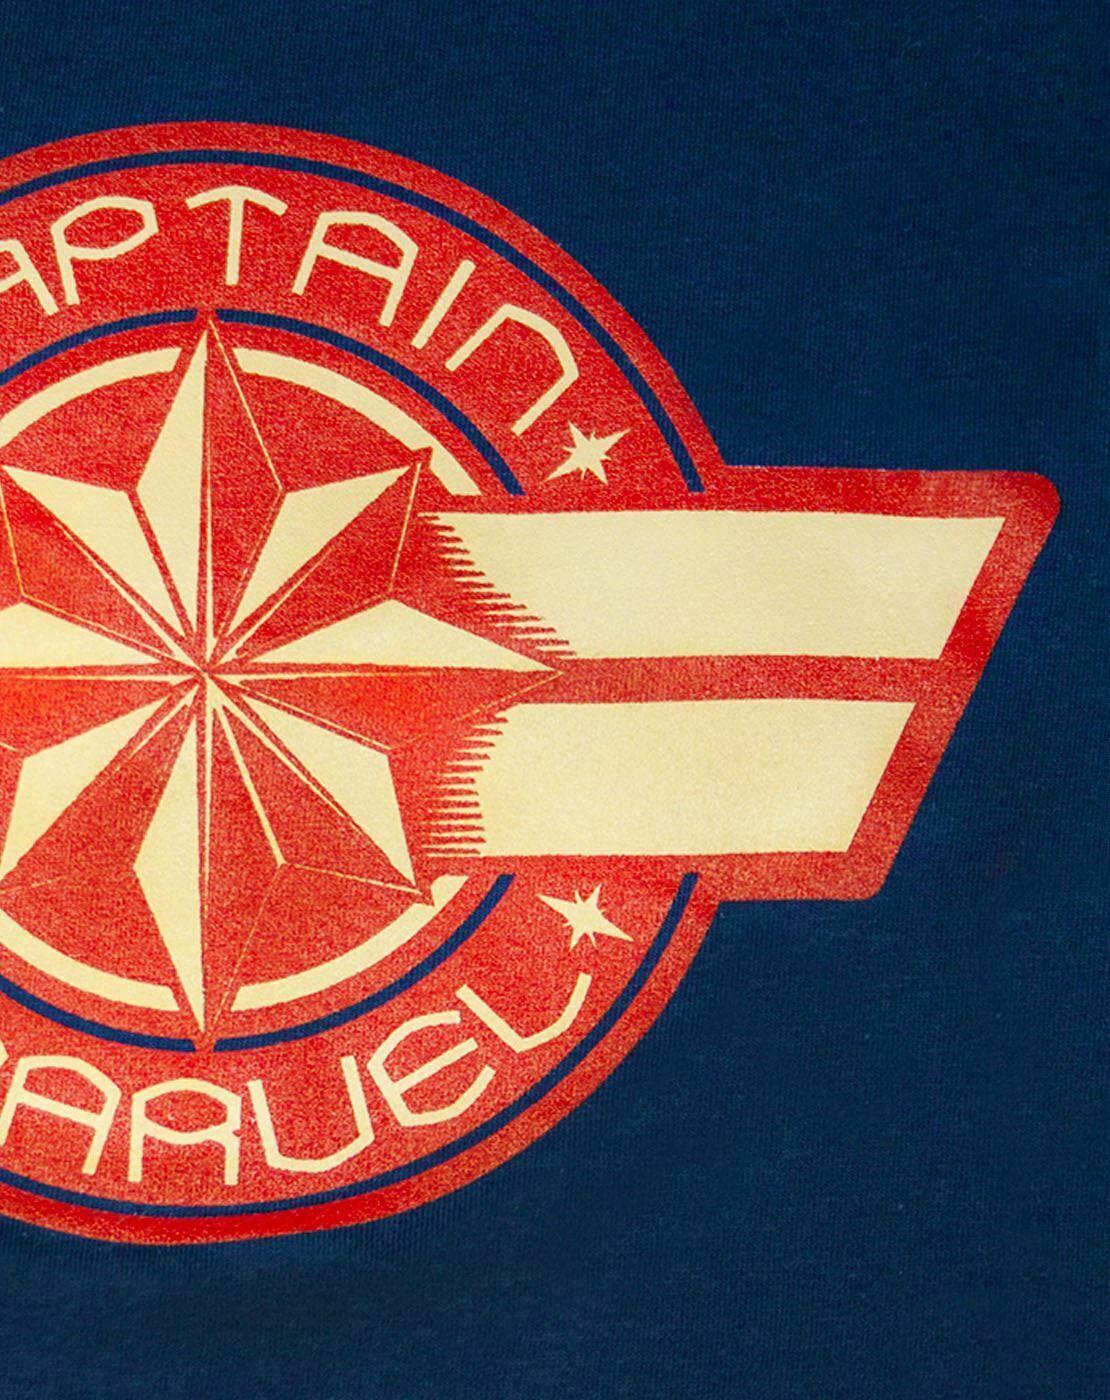 Marvel-Captain-Marvel-Logo-Women-039-s-Navy-Short-Sleeve-T-Shirt thumbnail 9